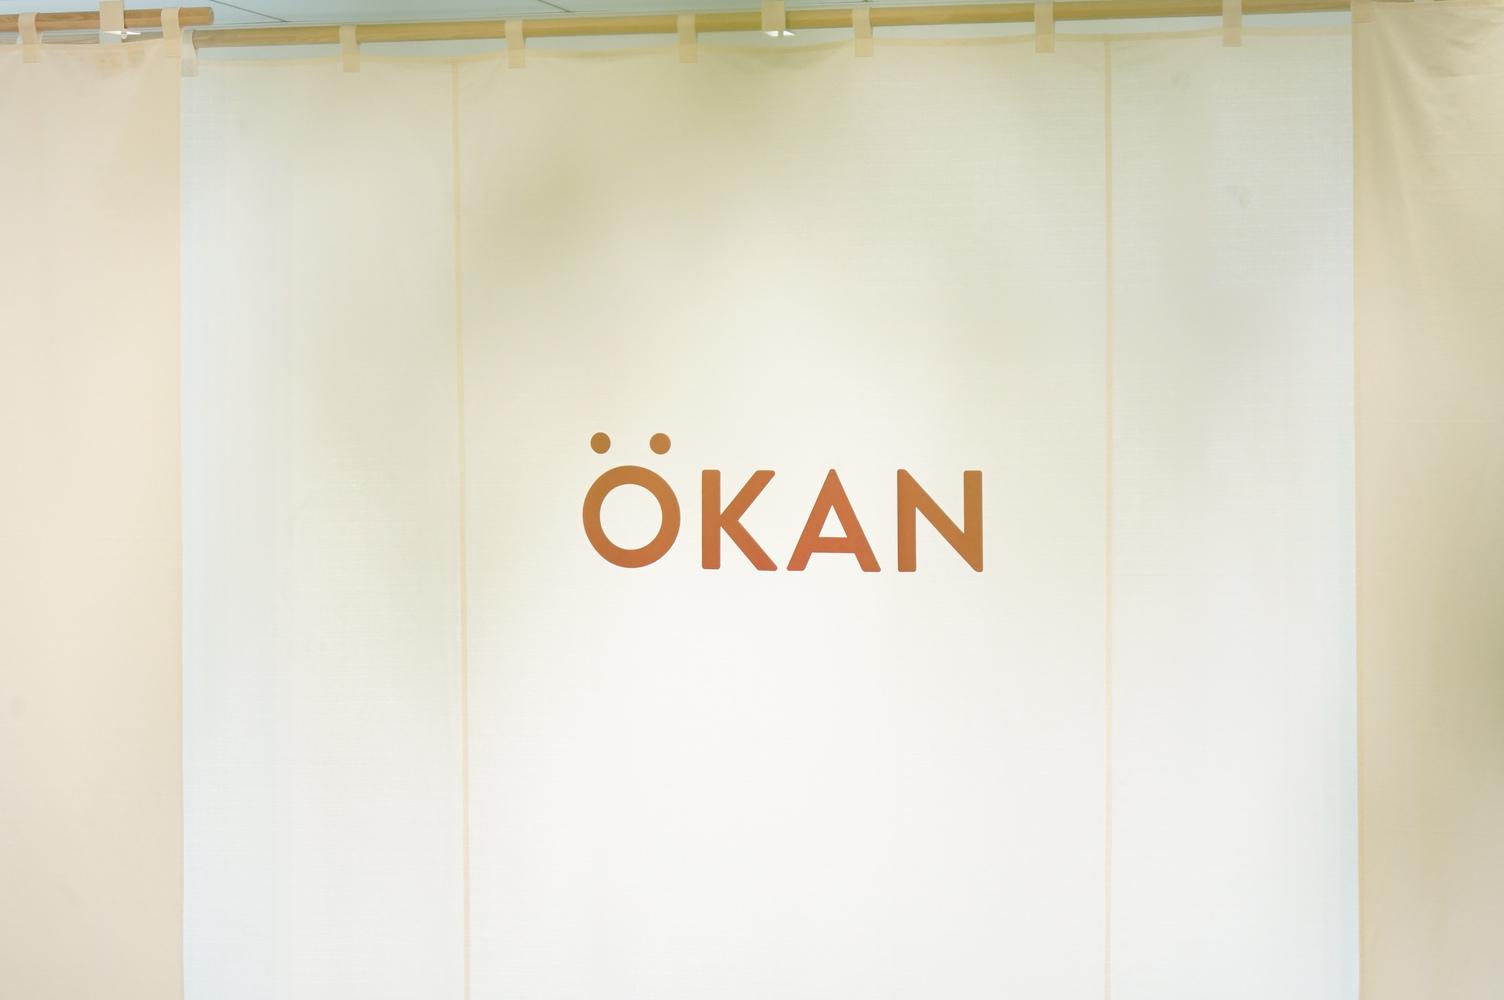 株式会社OKAN 10枚目